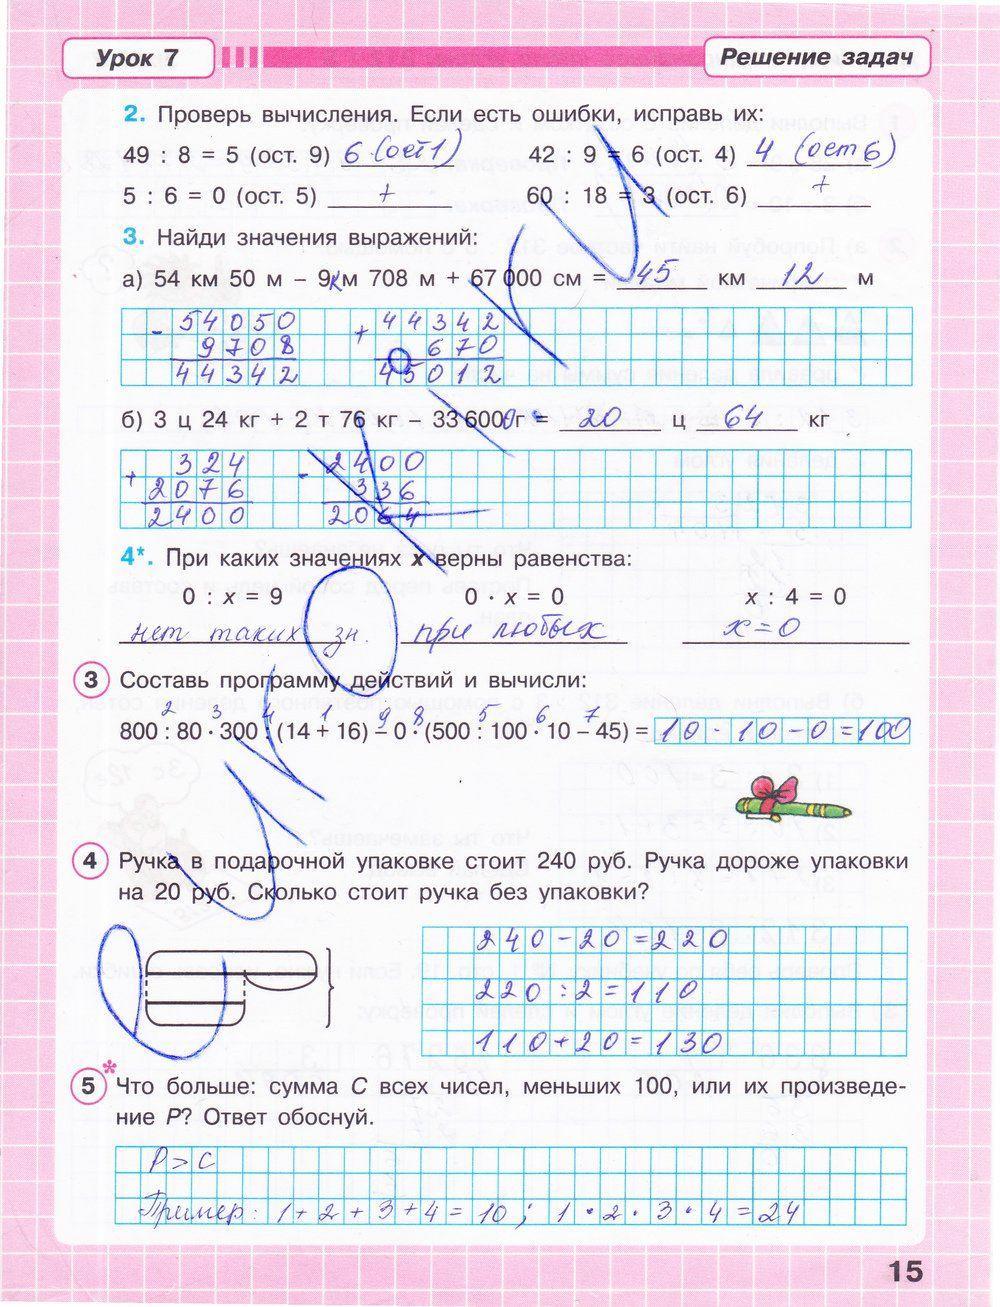 Скачать бесплатно гдз по математике петерсона 5-6 класс